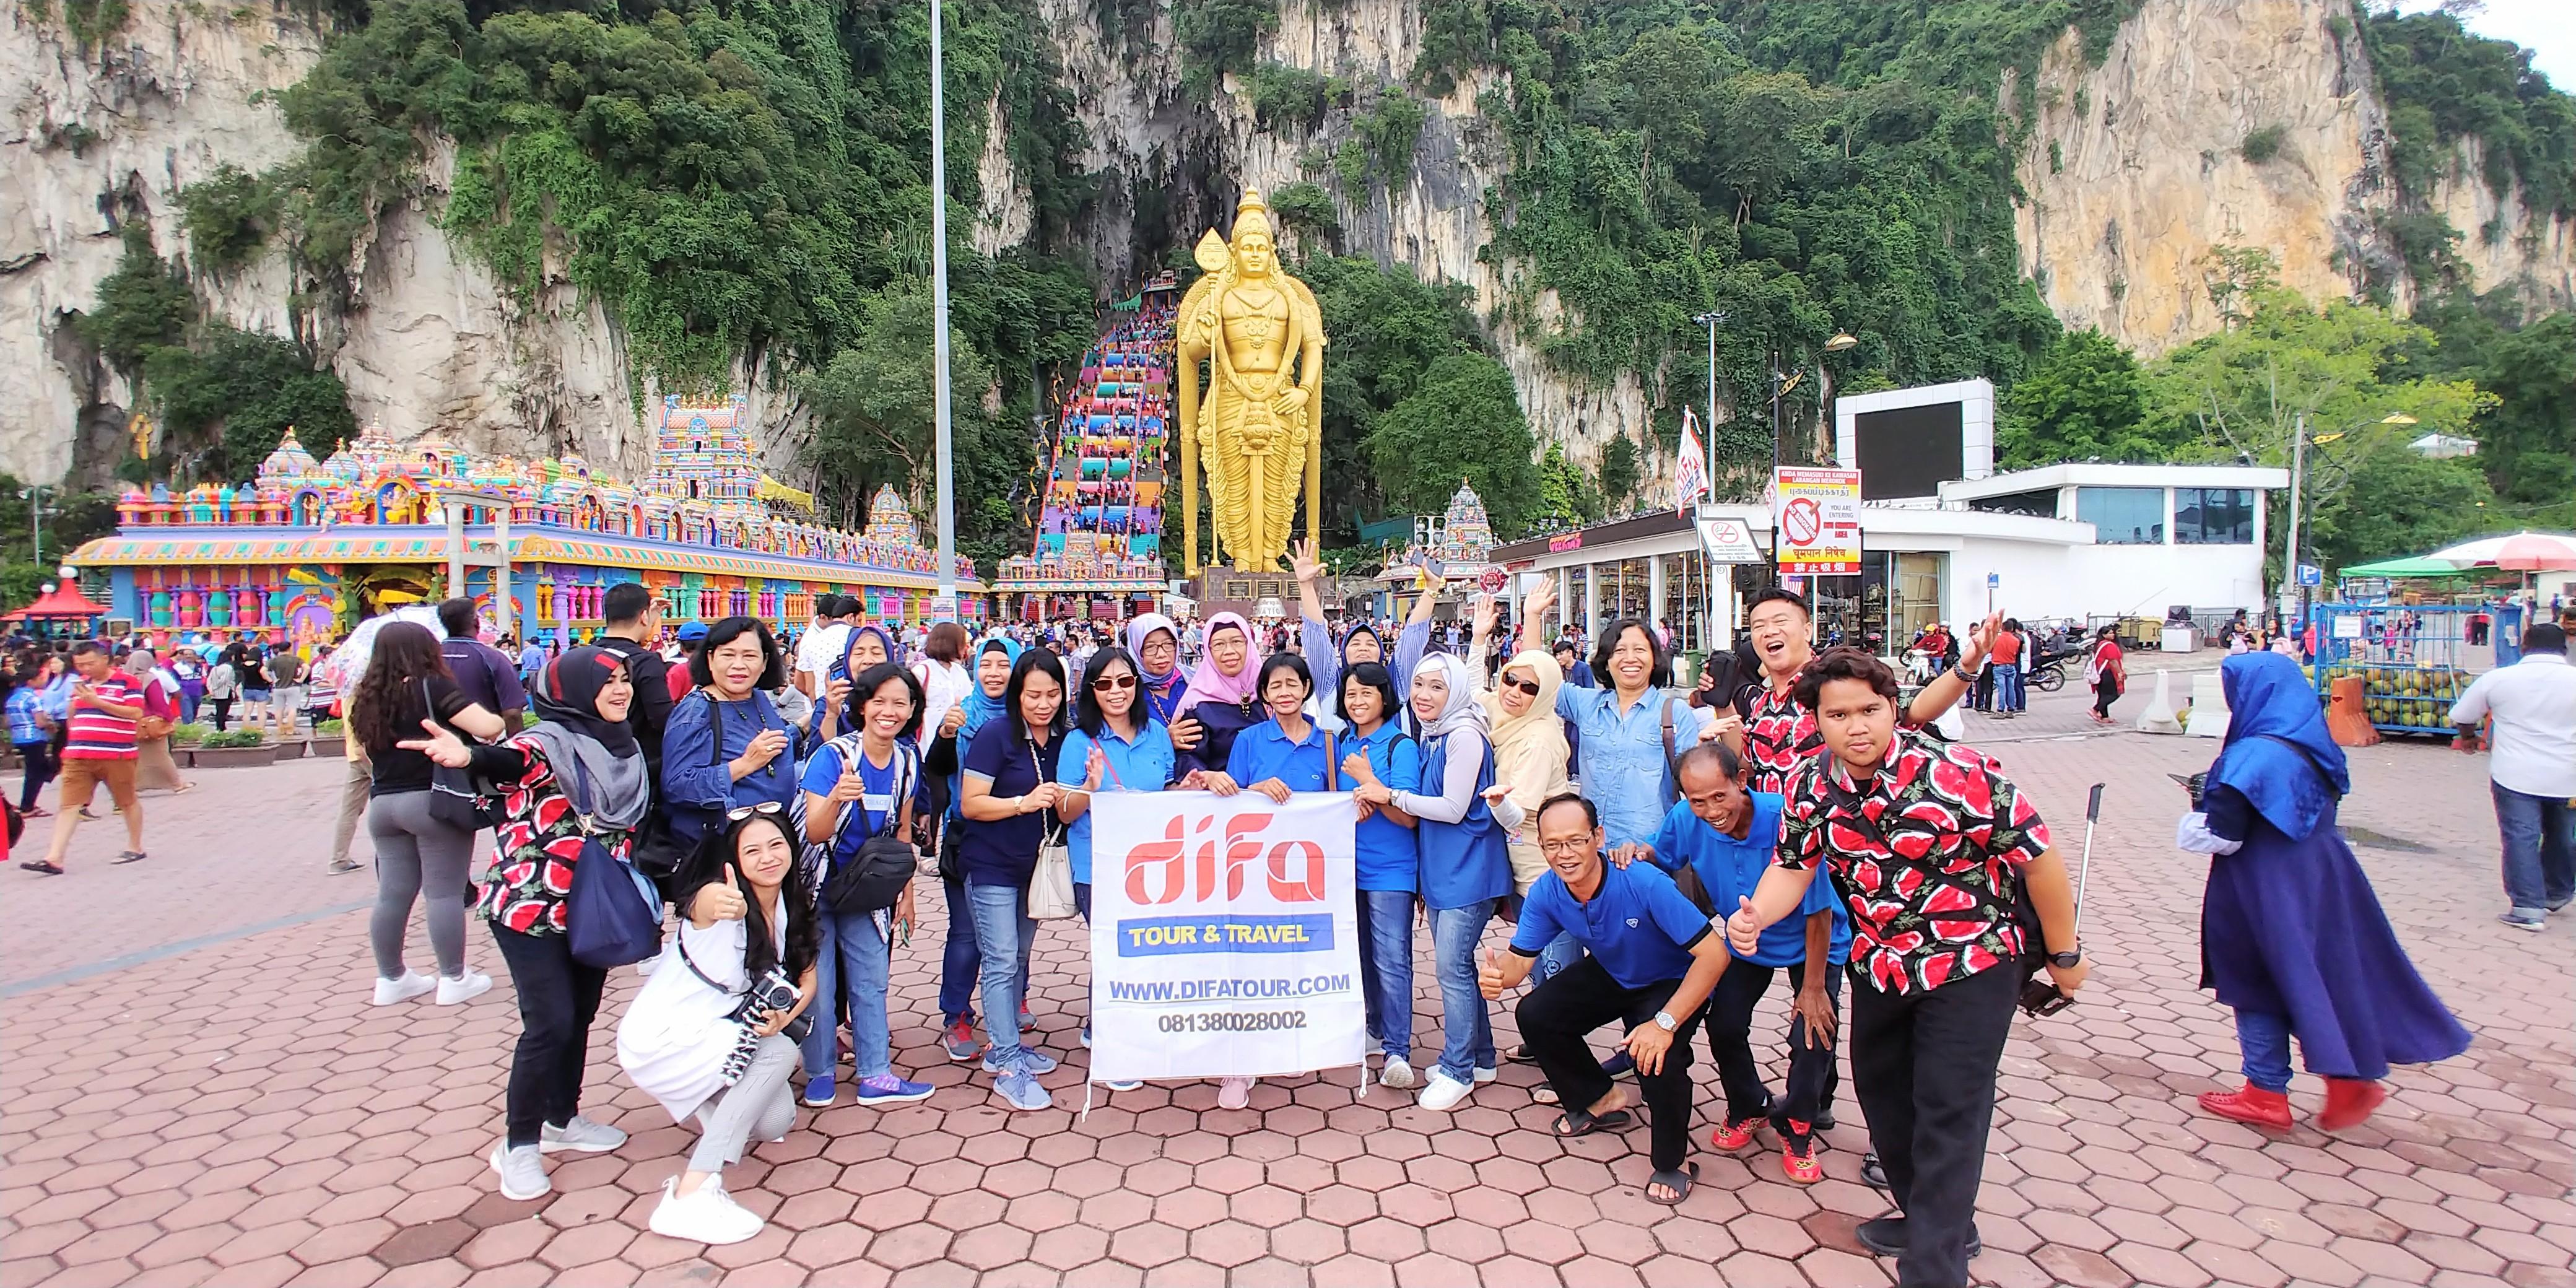 KUALA LUMPUR MALAYSIA DIFA